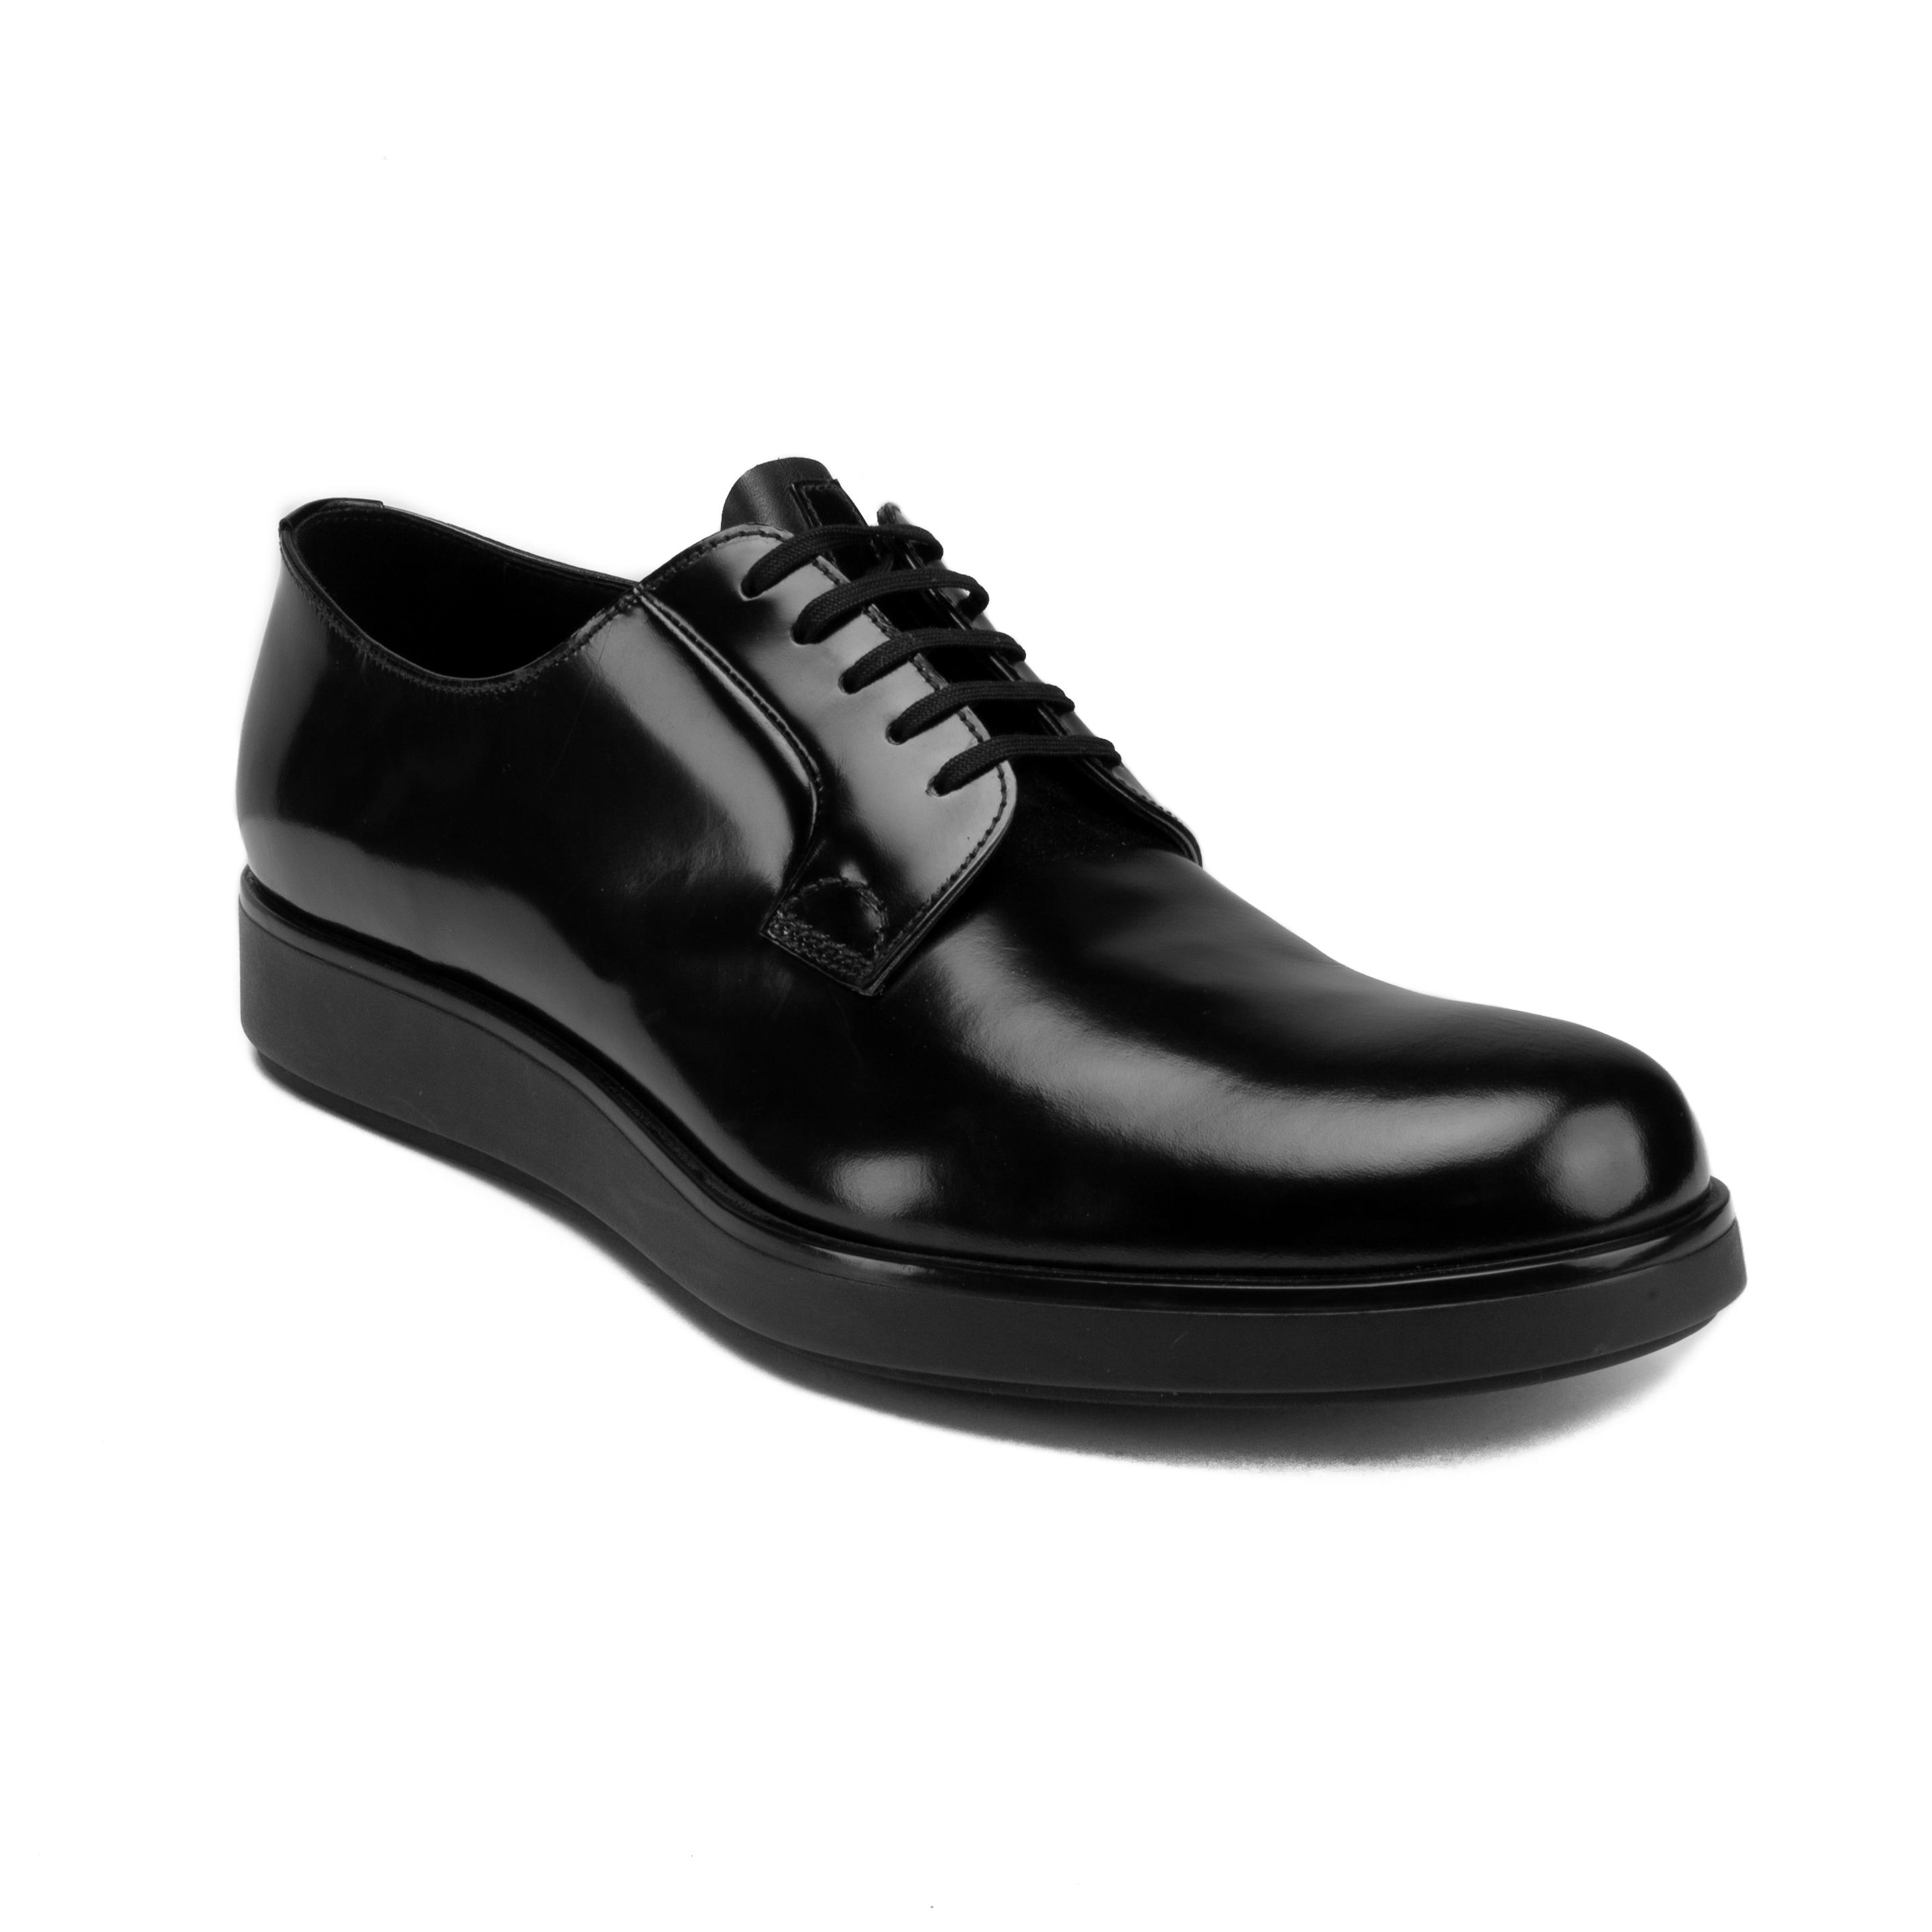 prada derby shoes